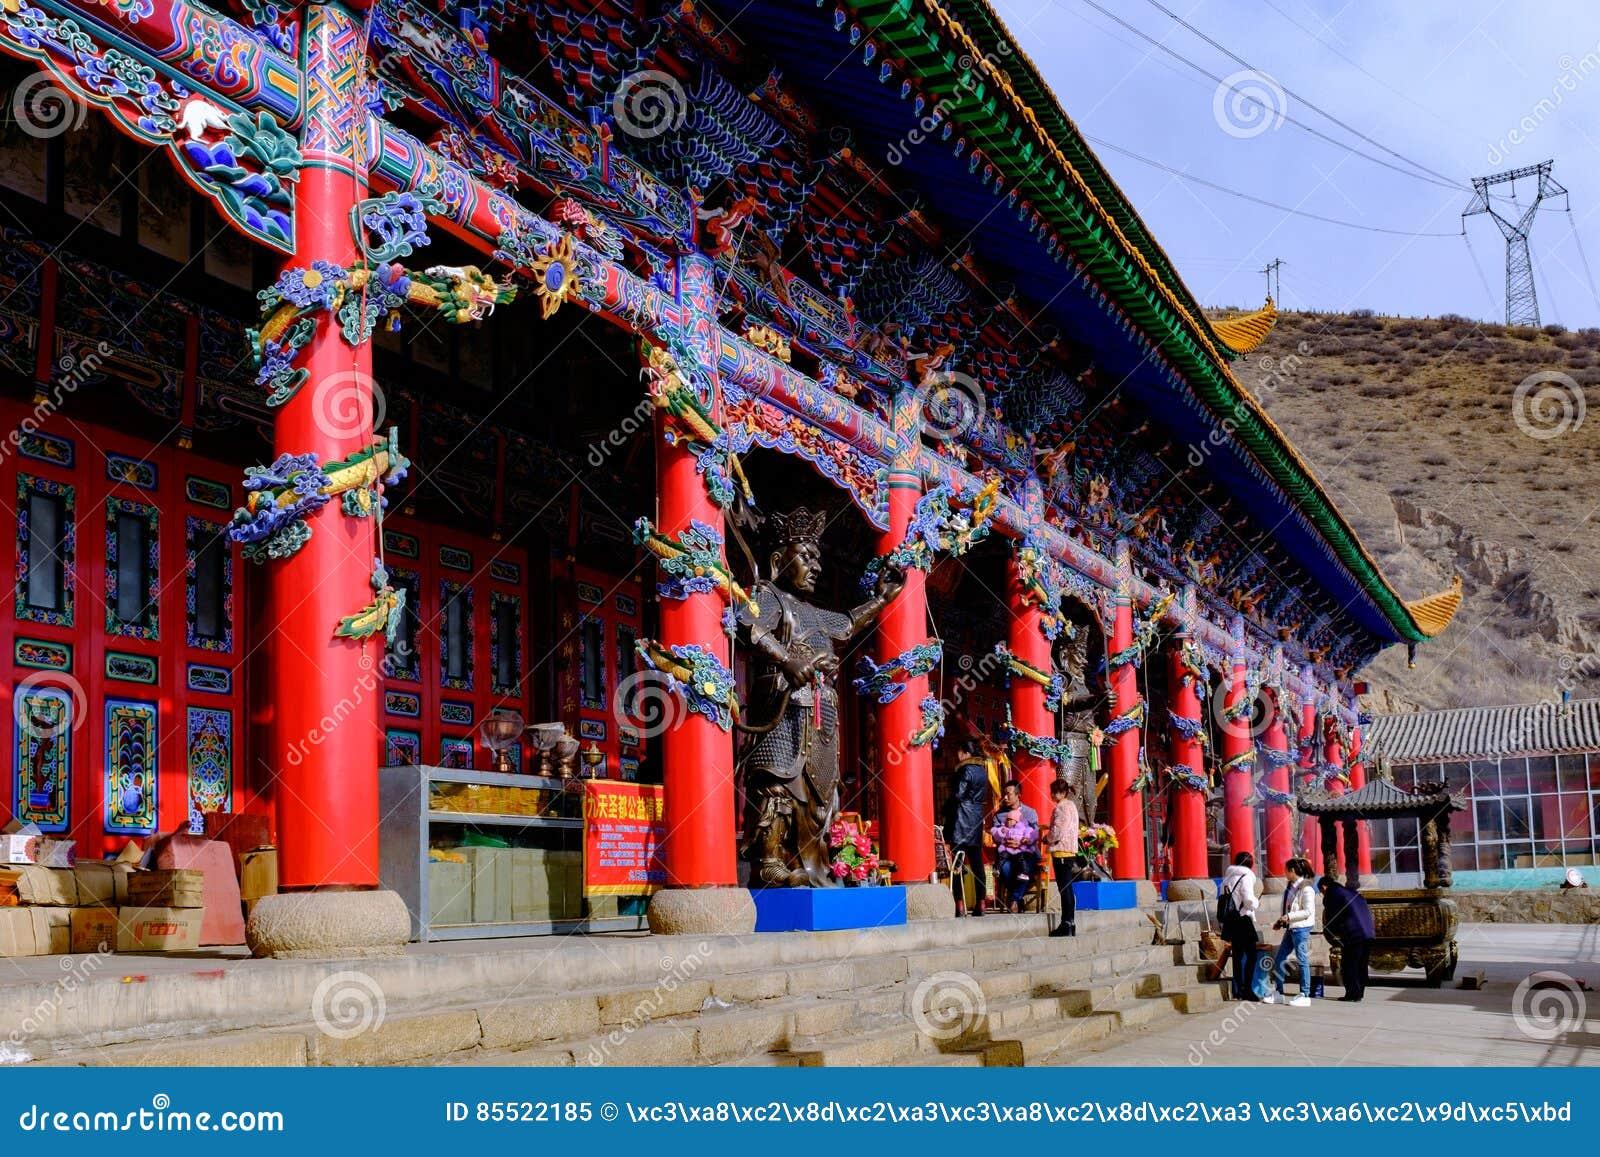 Qinghai xining: great kunlun nine day saint - MaLong phoenix mountain